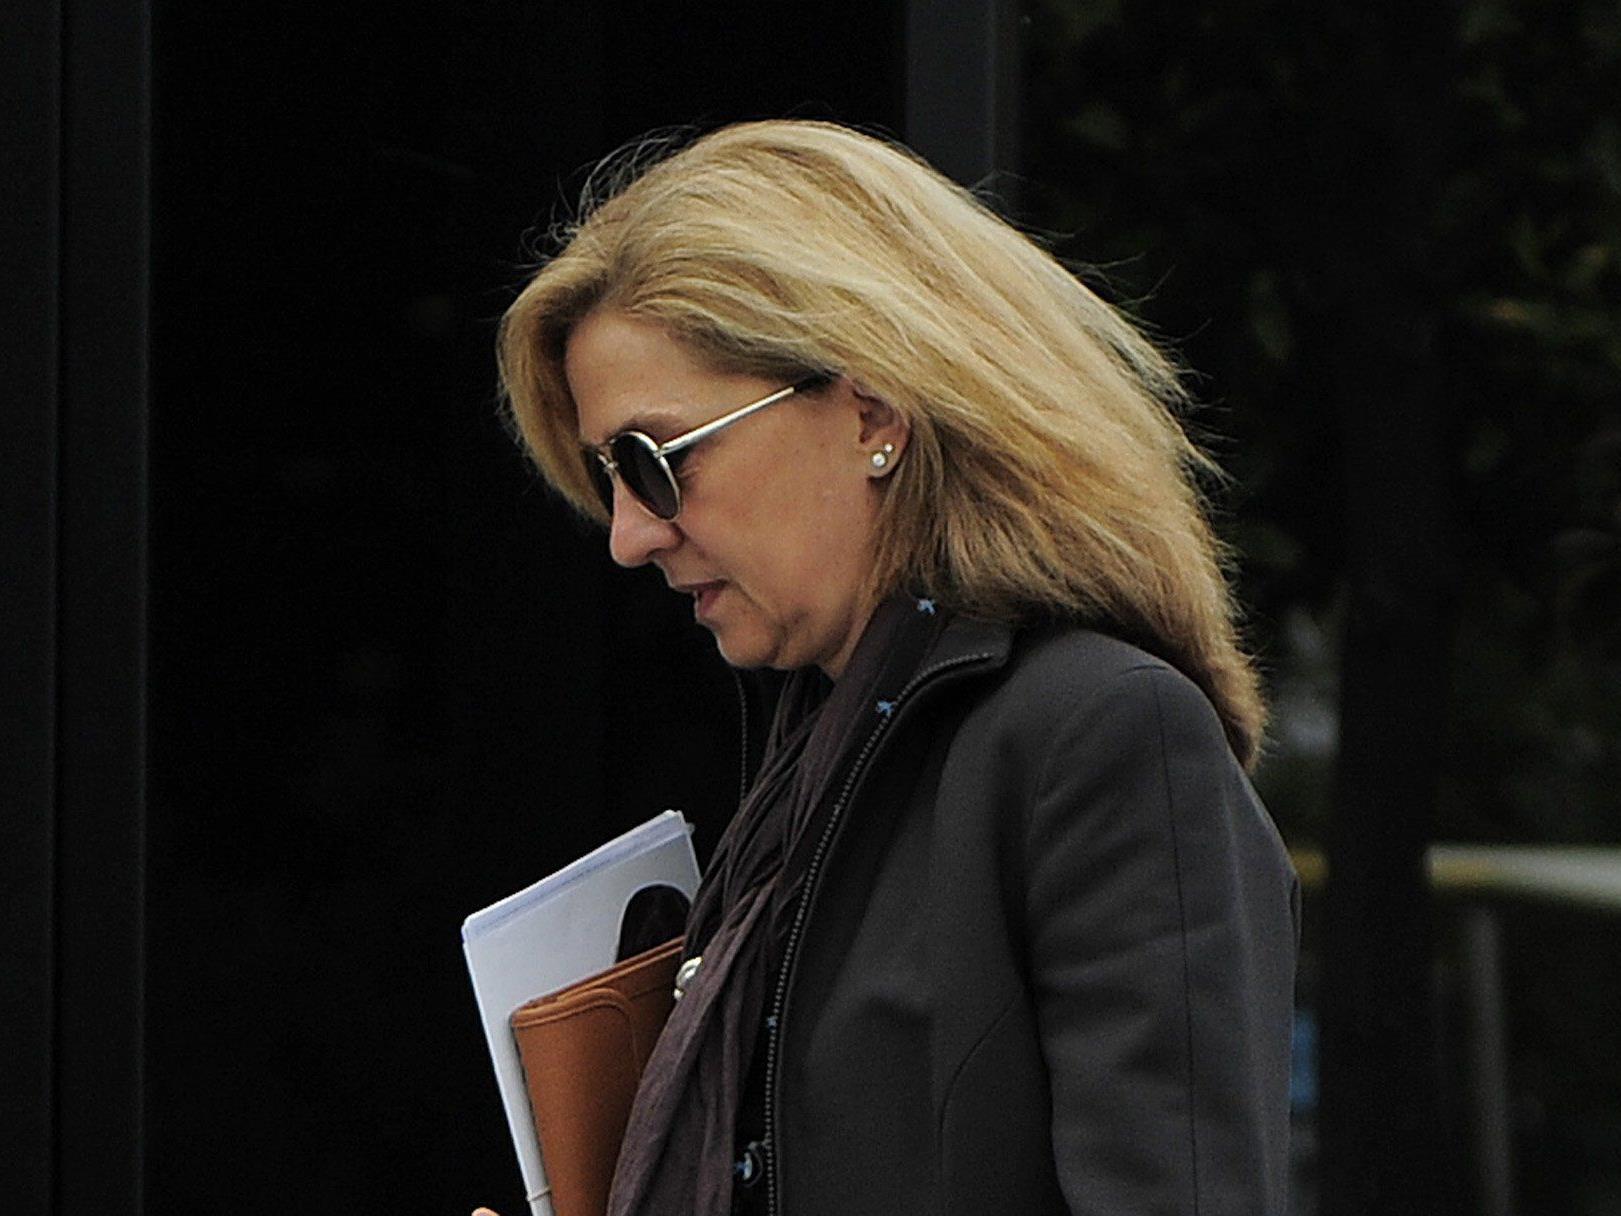 Schwester von König Felipe muss wegen Betrugs- und Geldwäschevorwürfen vor Gericht